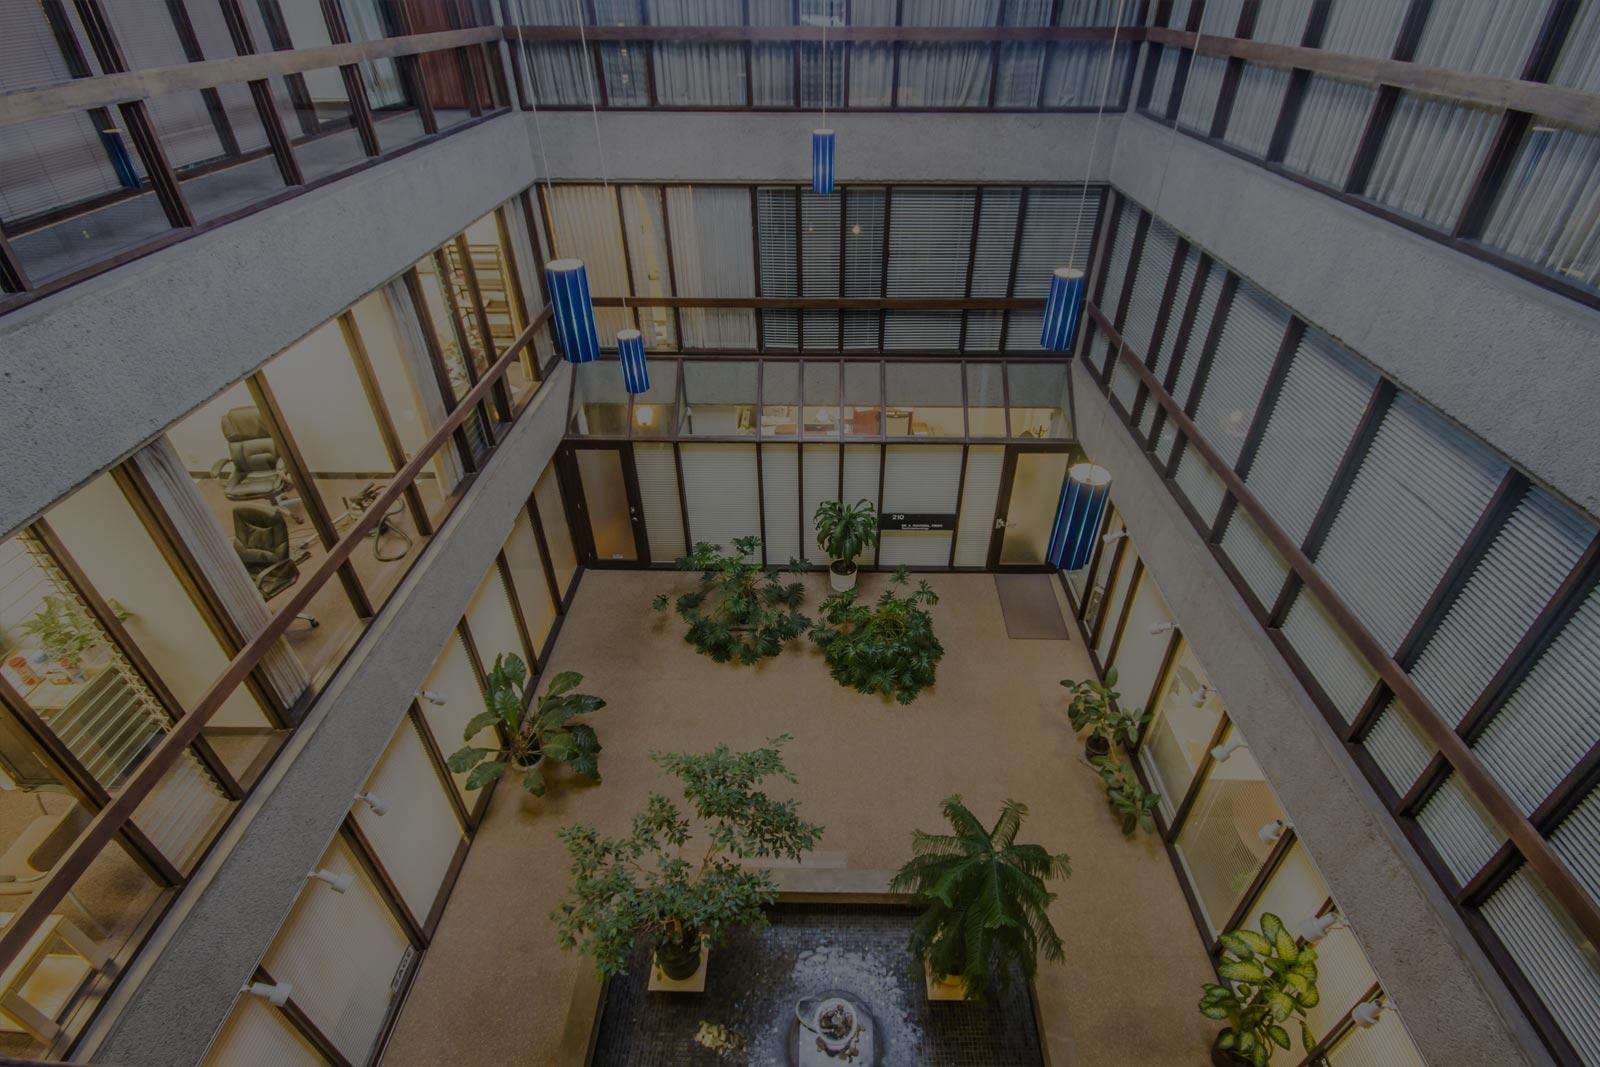 Centennial Building - Slider 2 Atrium